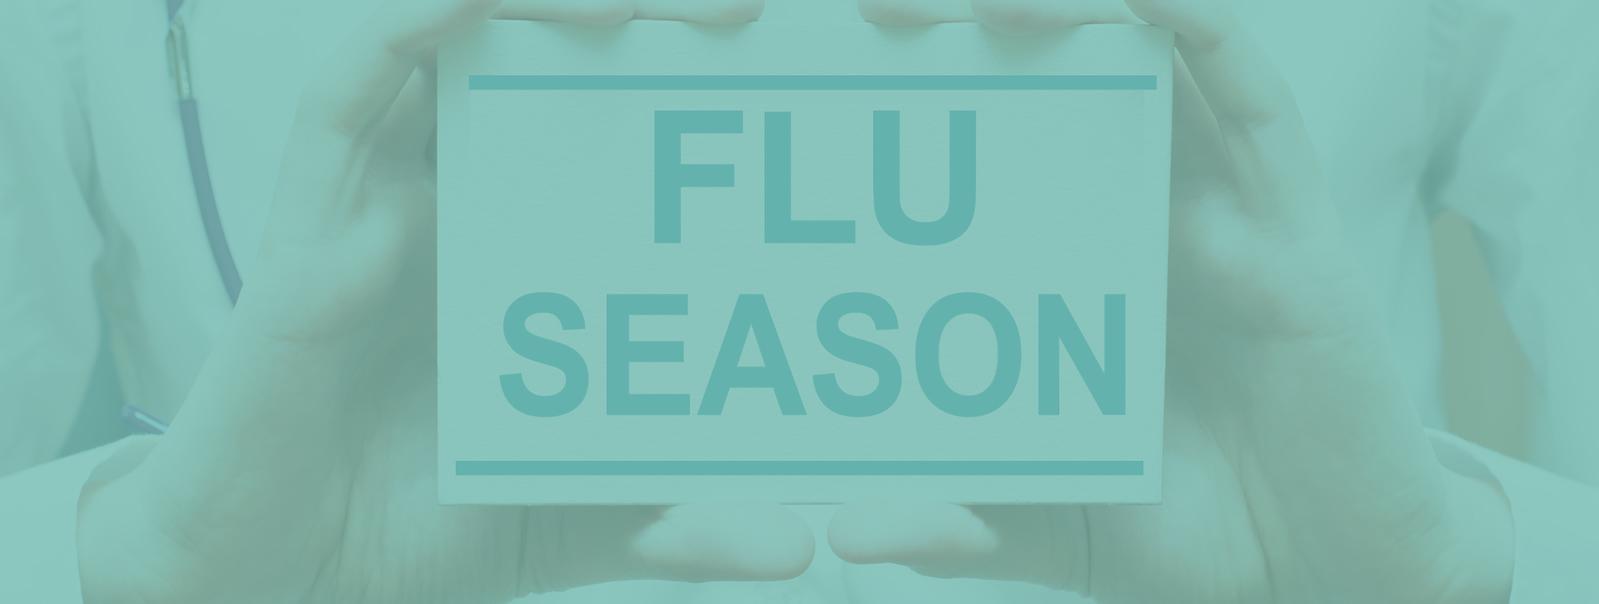 2019/20 Flu Vaccines Open!